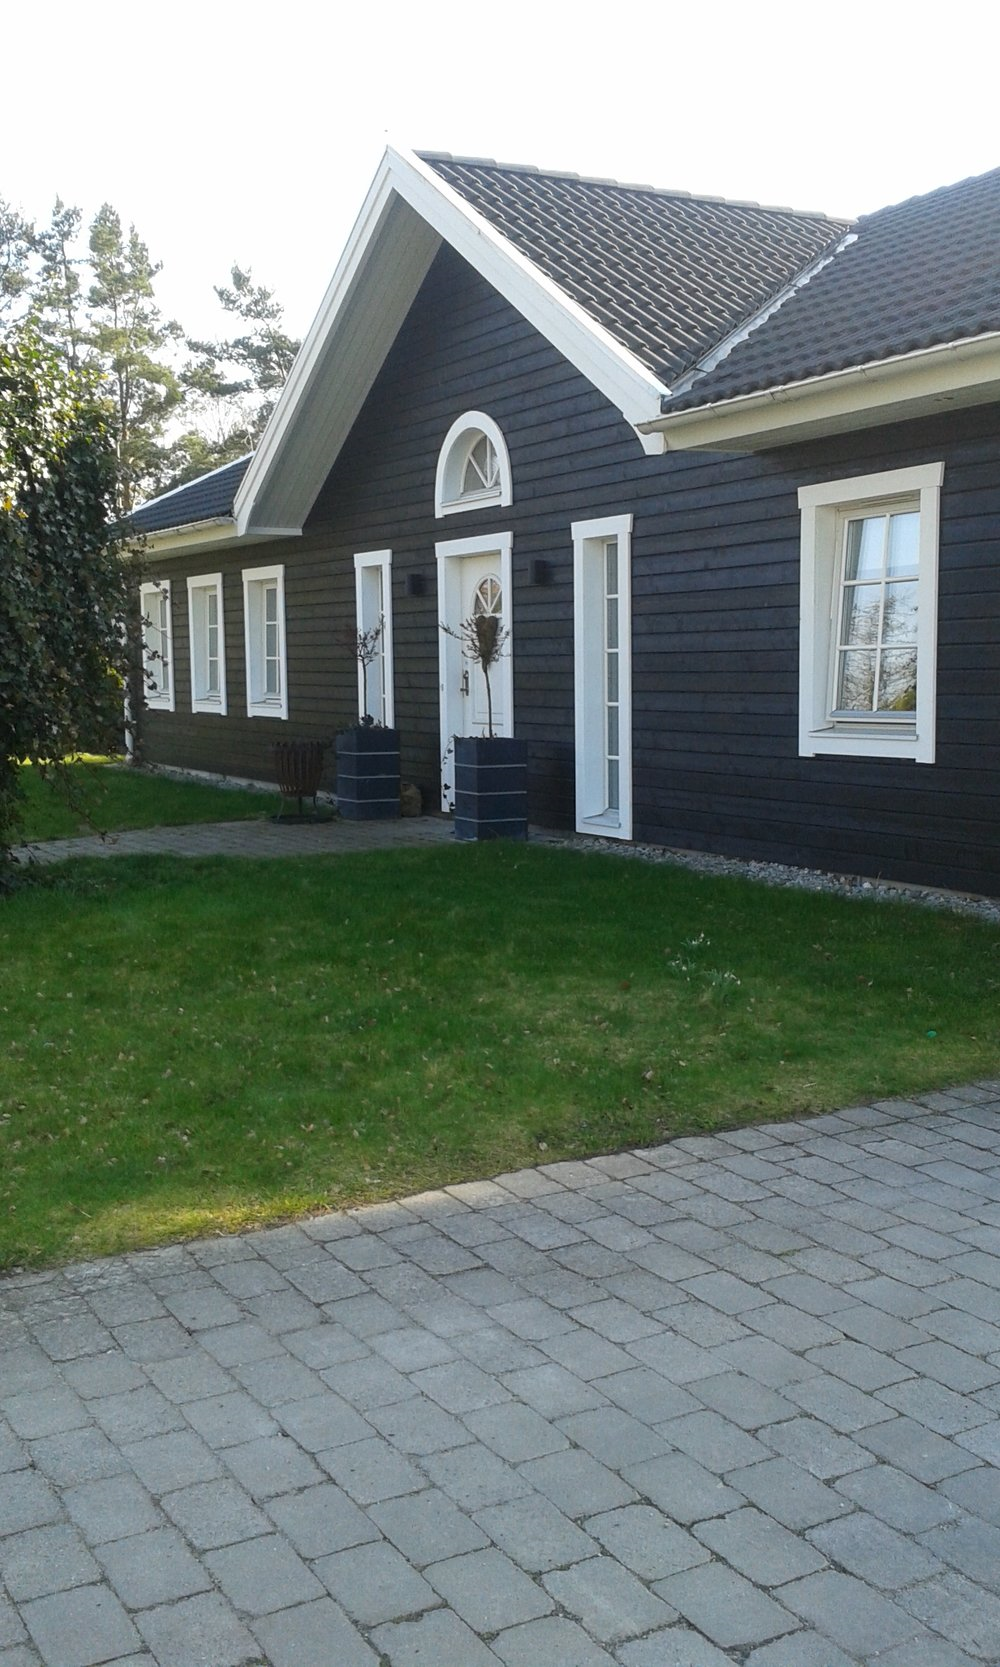 Vinnare - Åkerlundsvägen 8, Räng Sand